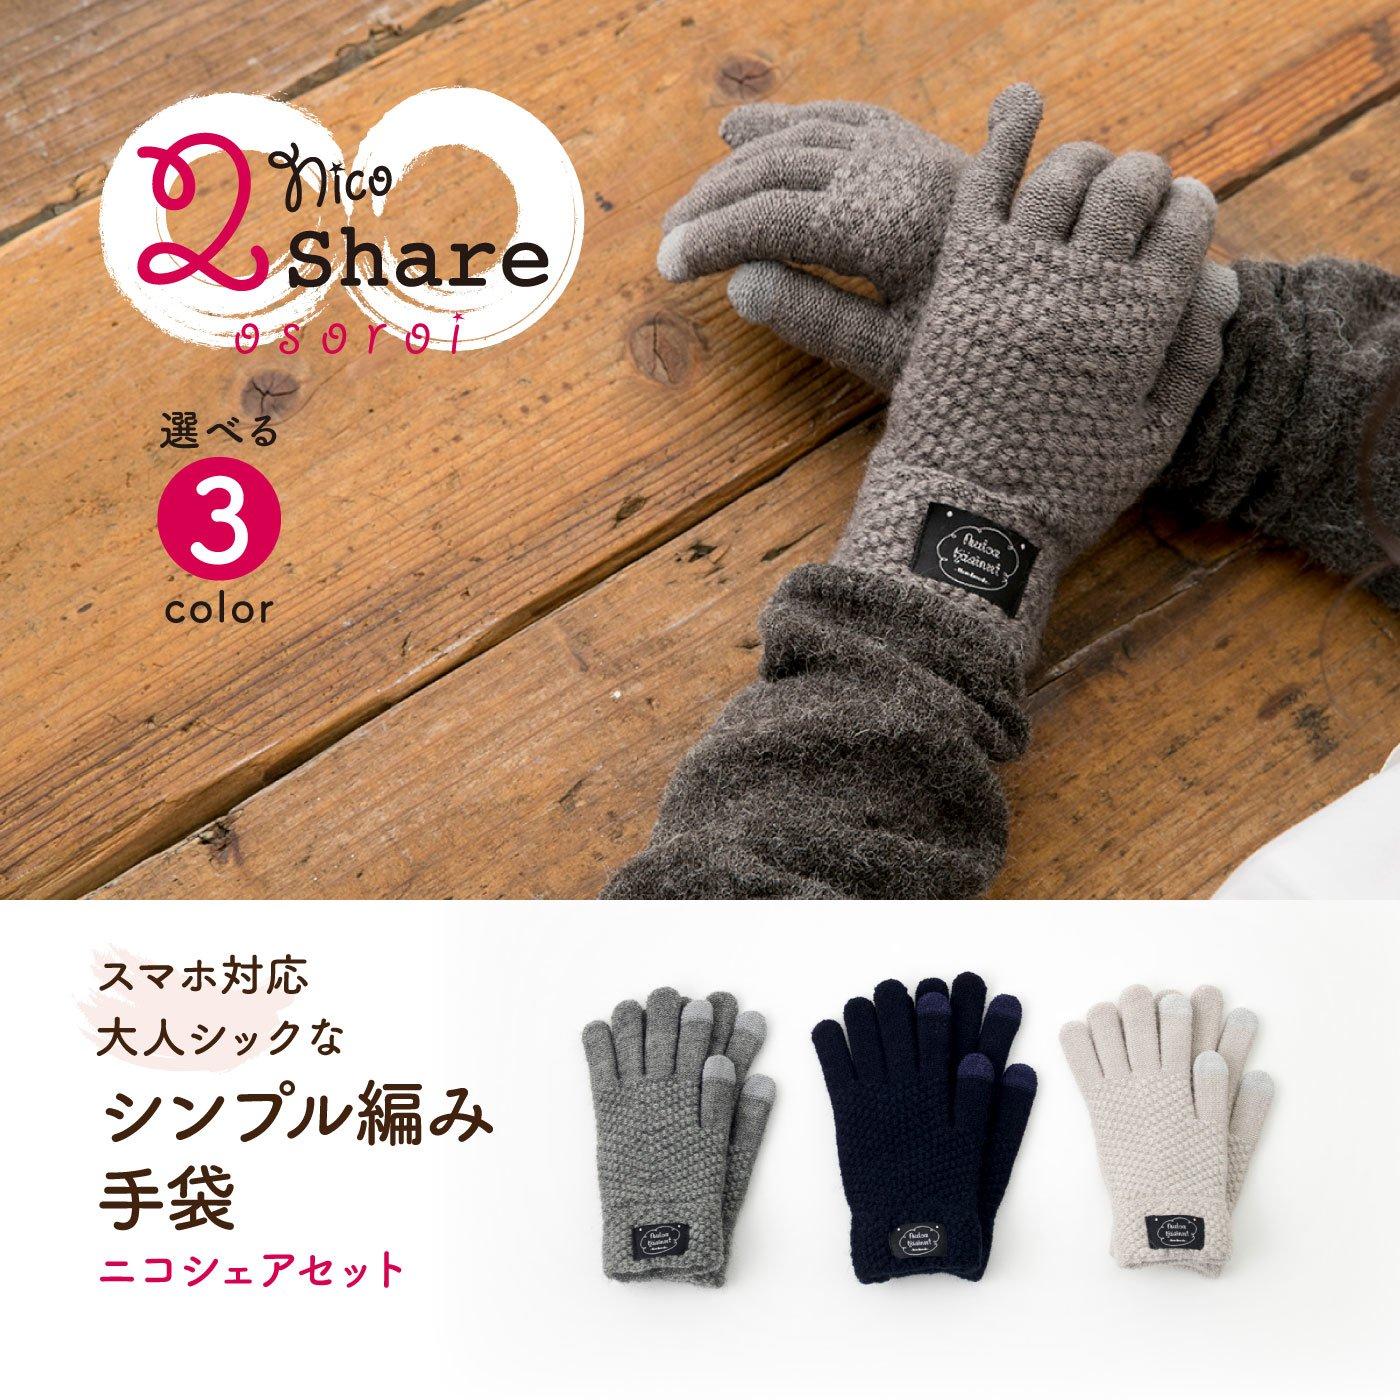 スマホ対応 大人シックなシンプル編み手袋 ニコシェアセット☆